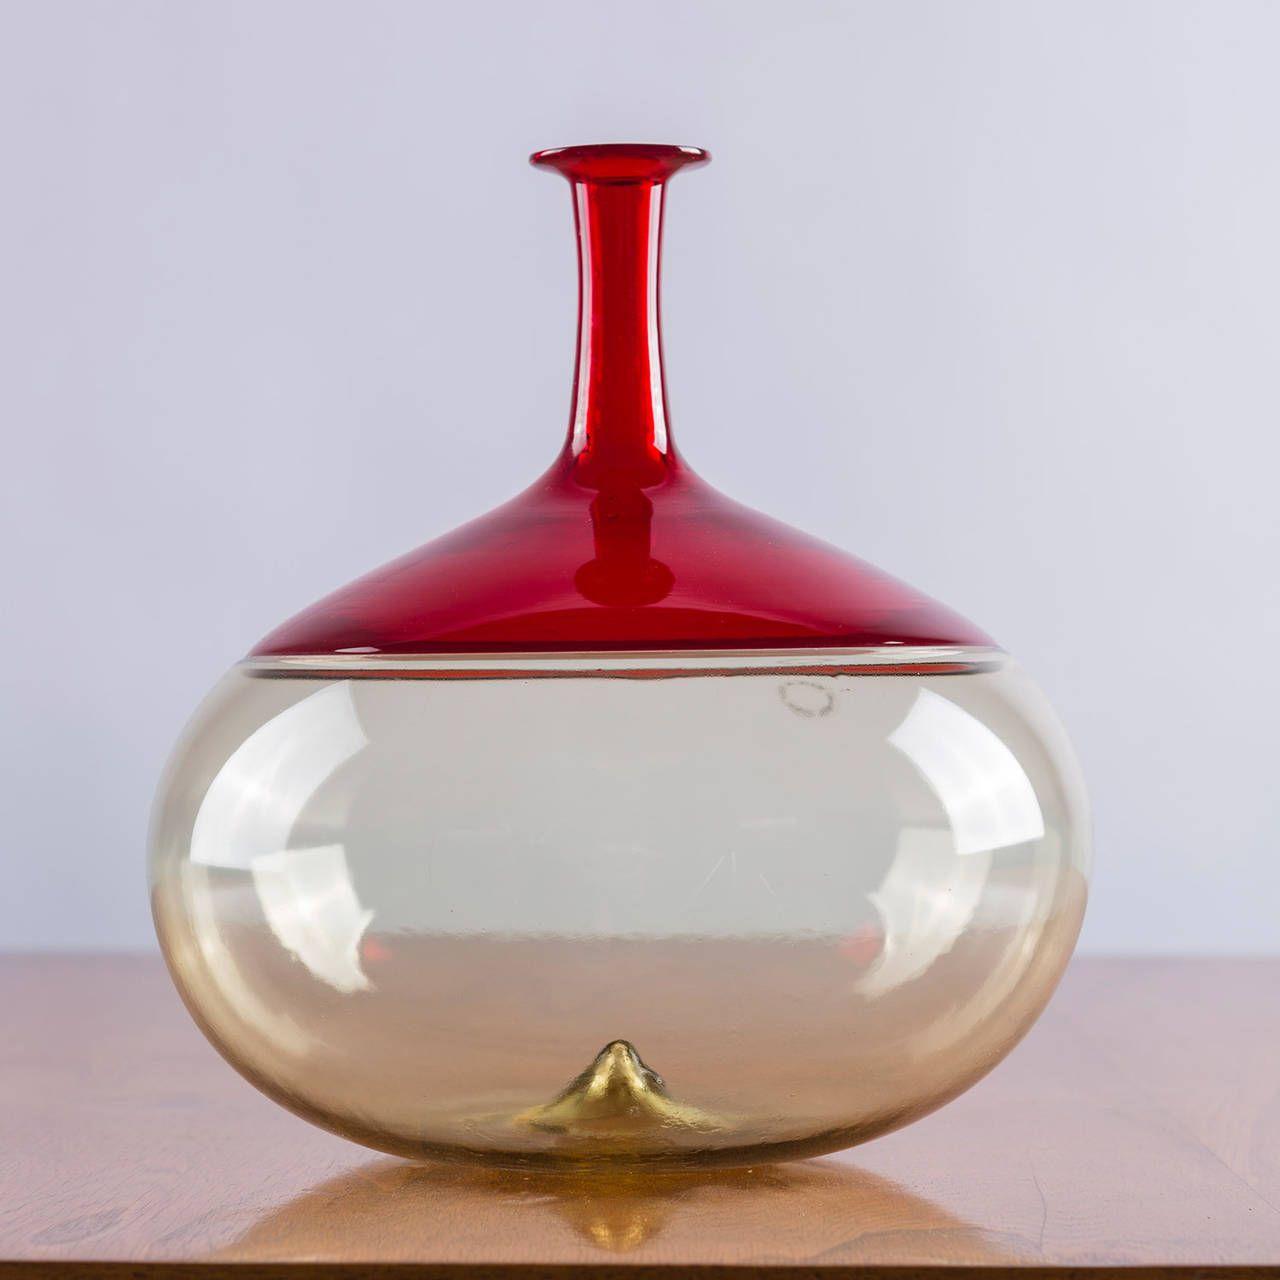 Rare set of four bolle vases by tapio wirkkala for venini artwork rare set of four bolle vases by tapio wirkkala for venini reviewsmspy